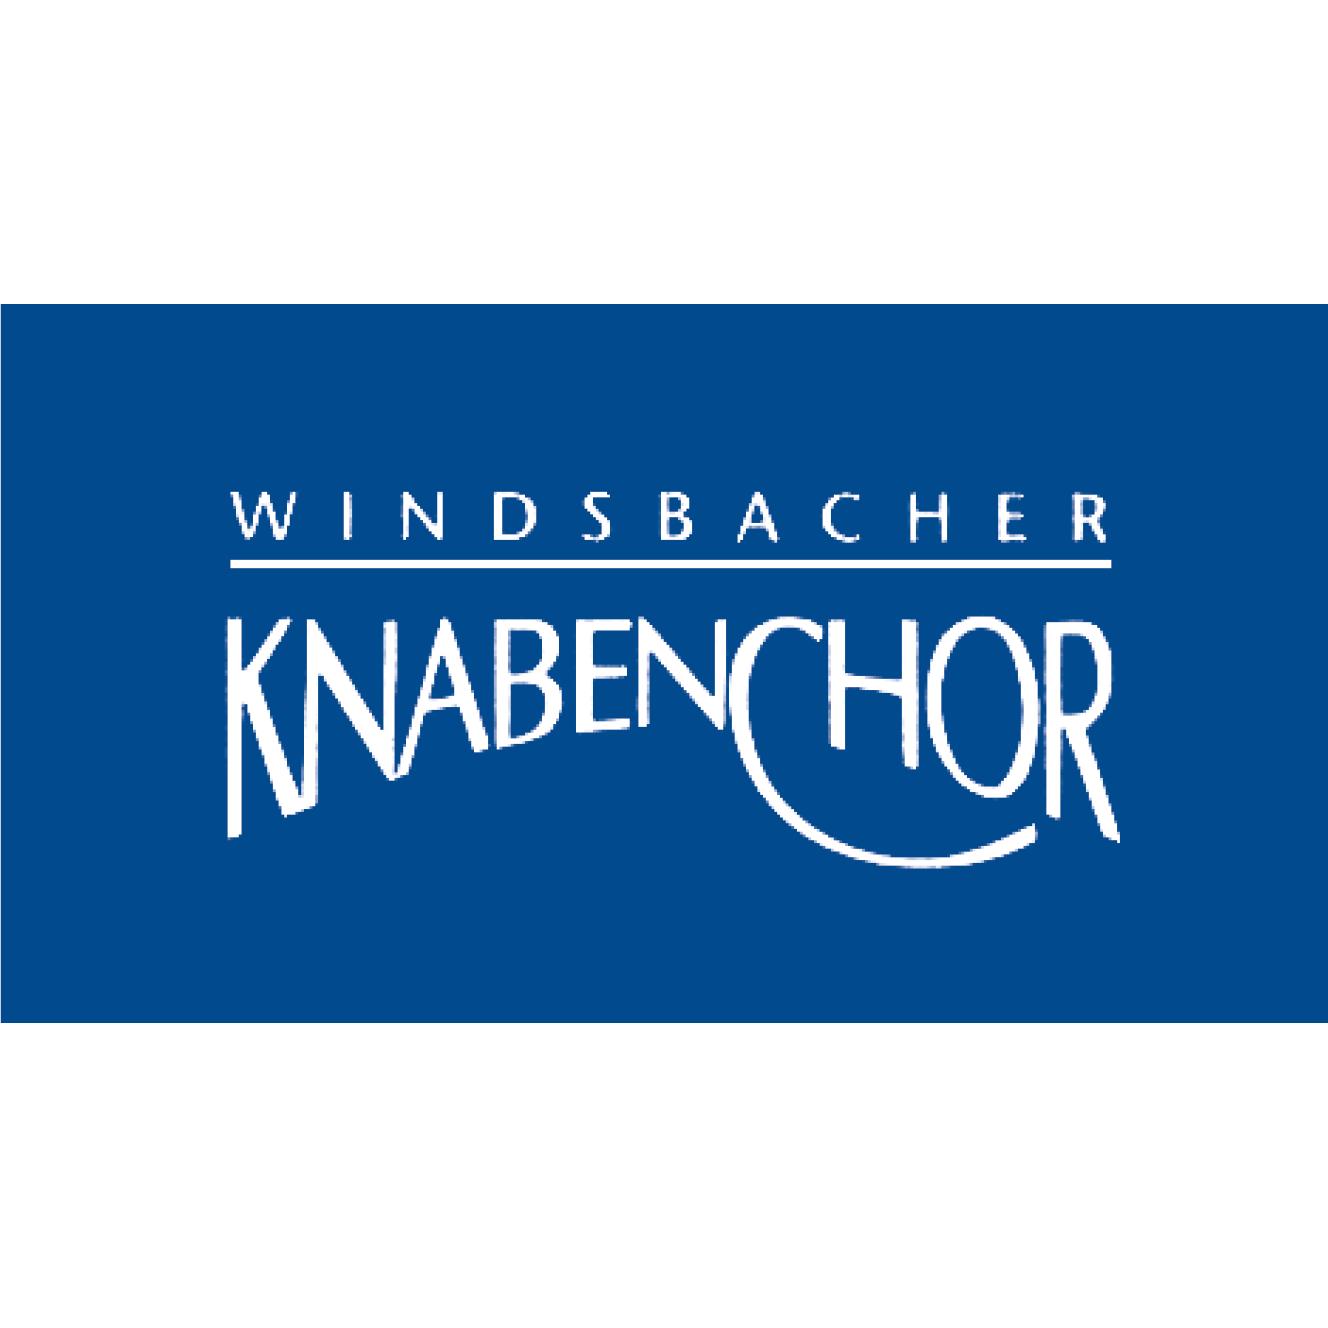 Bild zu Studienheim mit Windsbacher Knabenchor in Windsbach